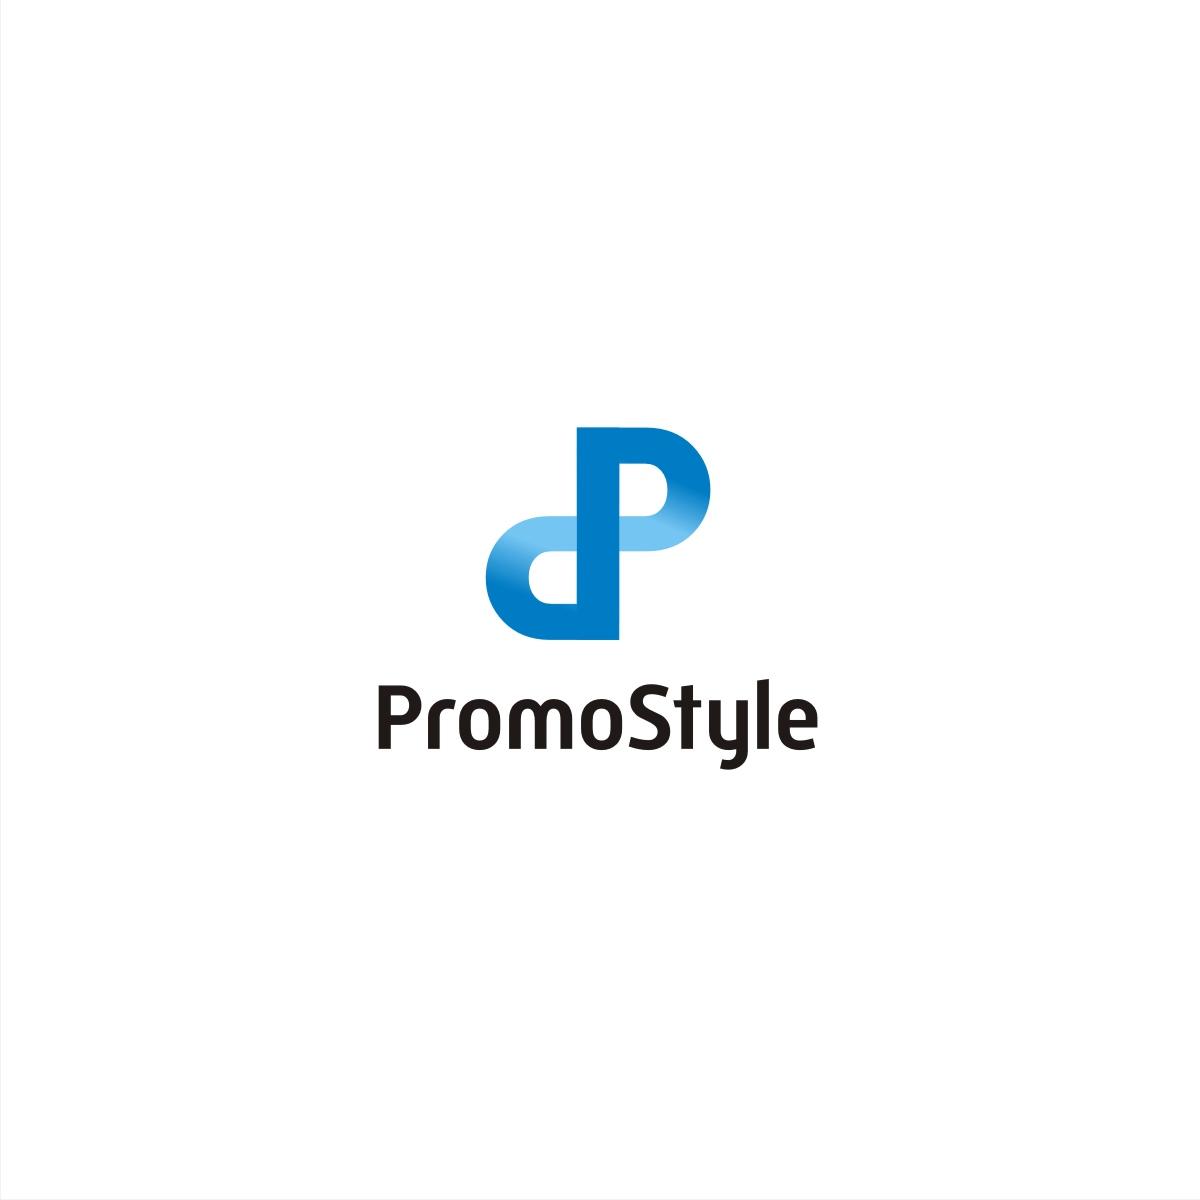 ЛОГОТИП для рекламного агентства фото f_8485b602182d323a.jpg